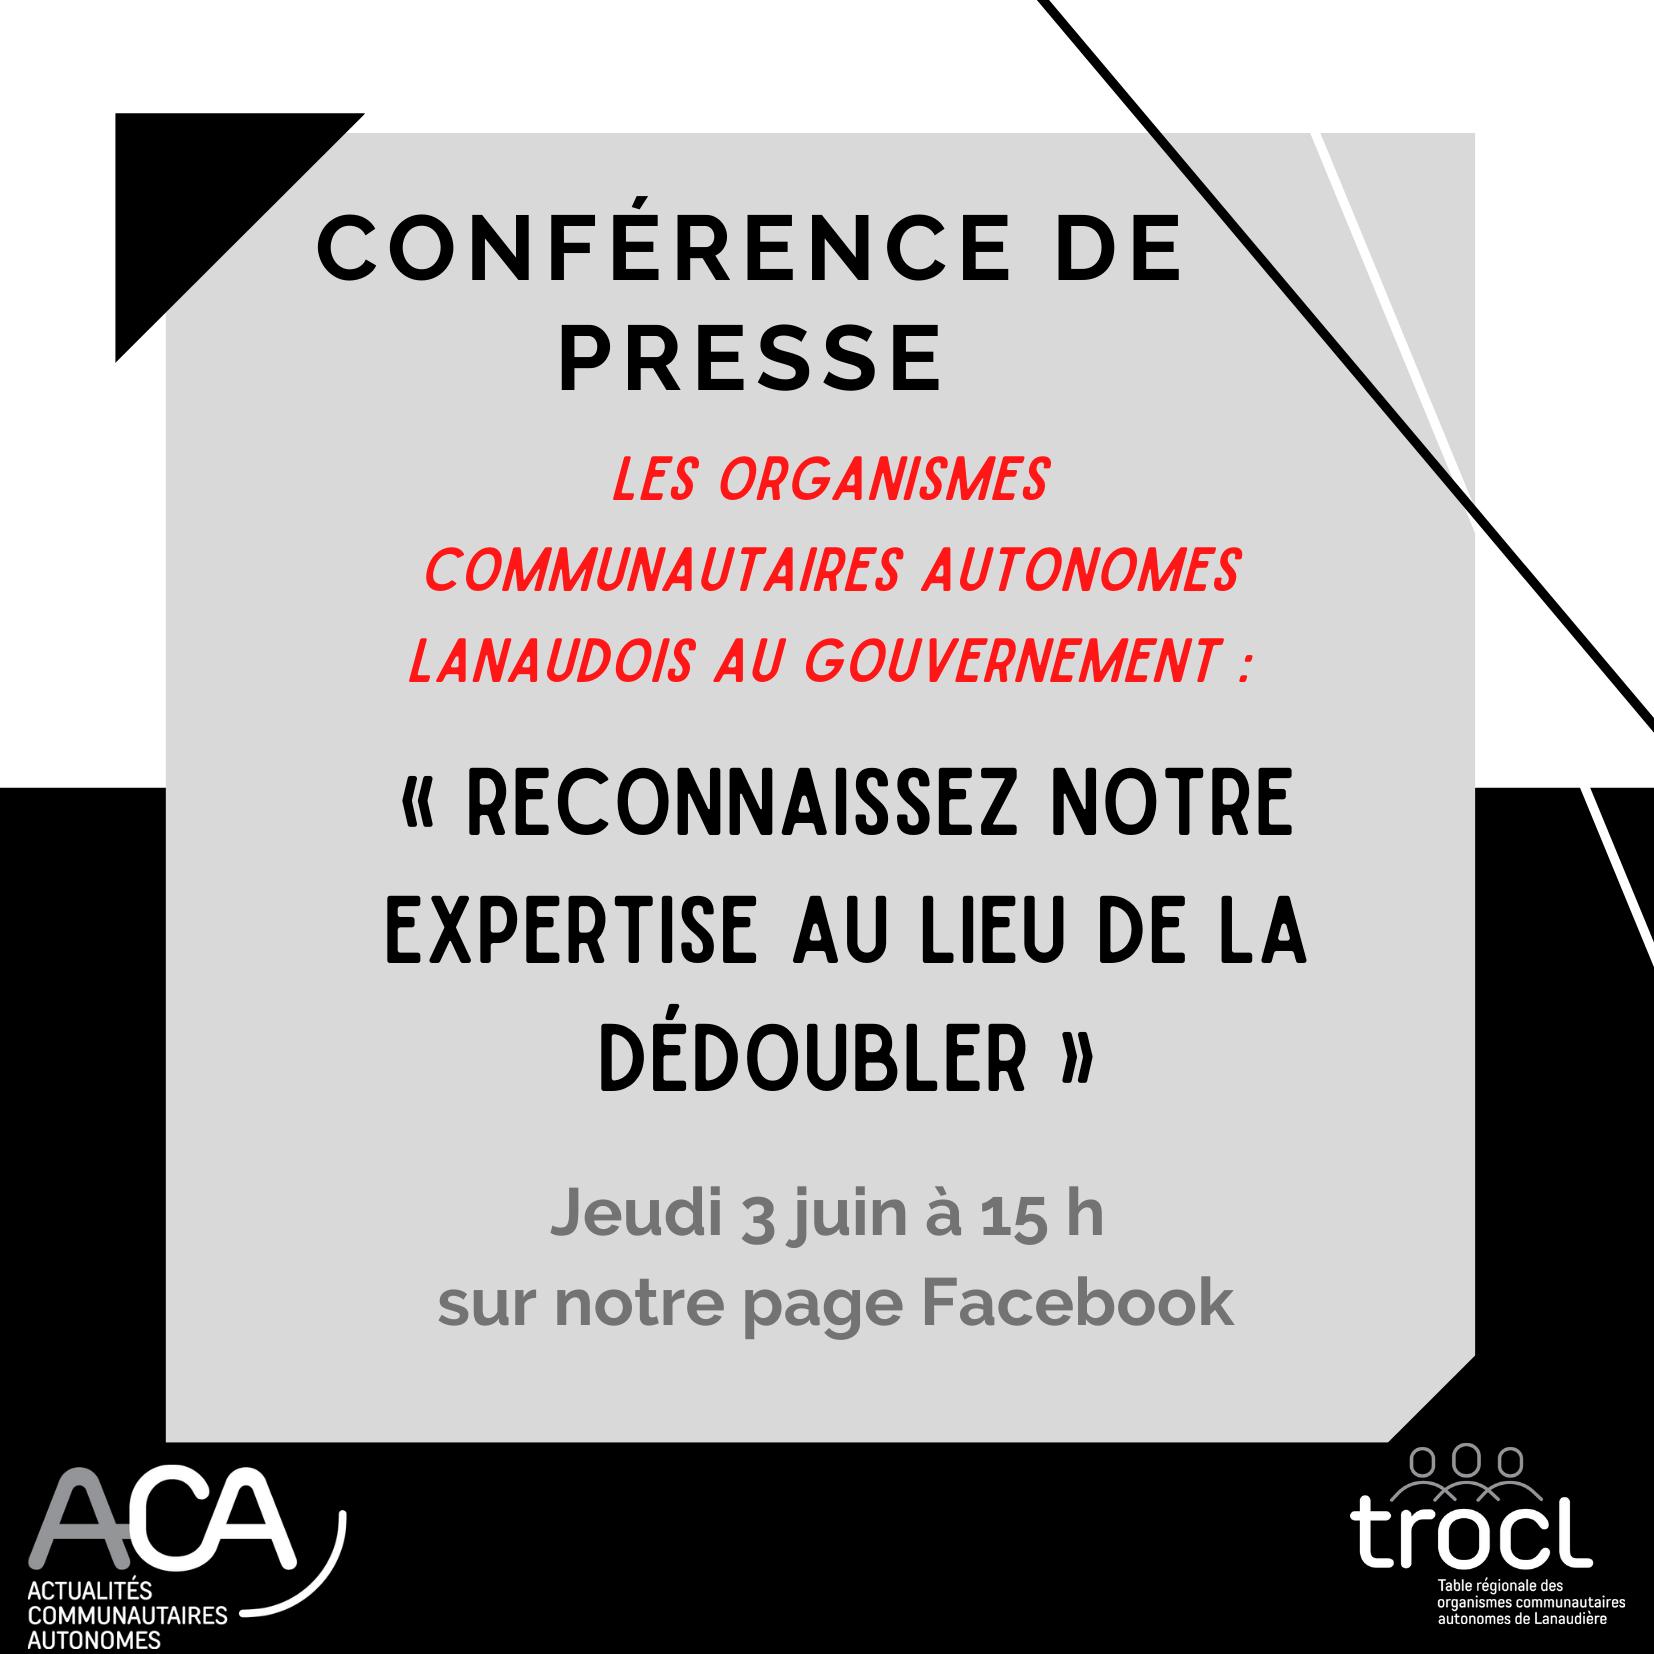 Vignette de la conférence de presse Les organismes communautaires autonomes lanaudois au Gouvernement : Reconnaissez notre expertise au lieu de la dédoubler